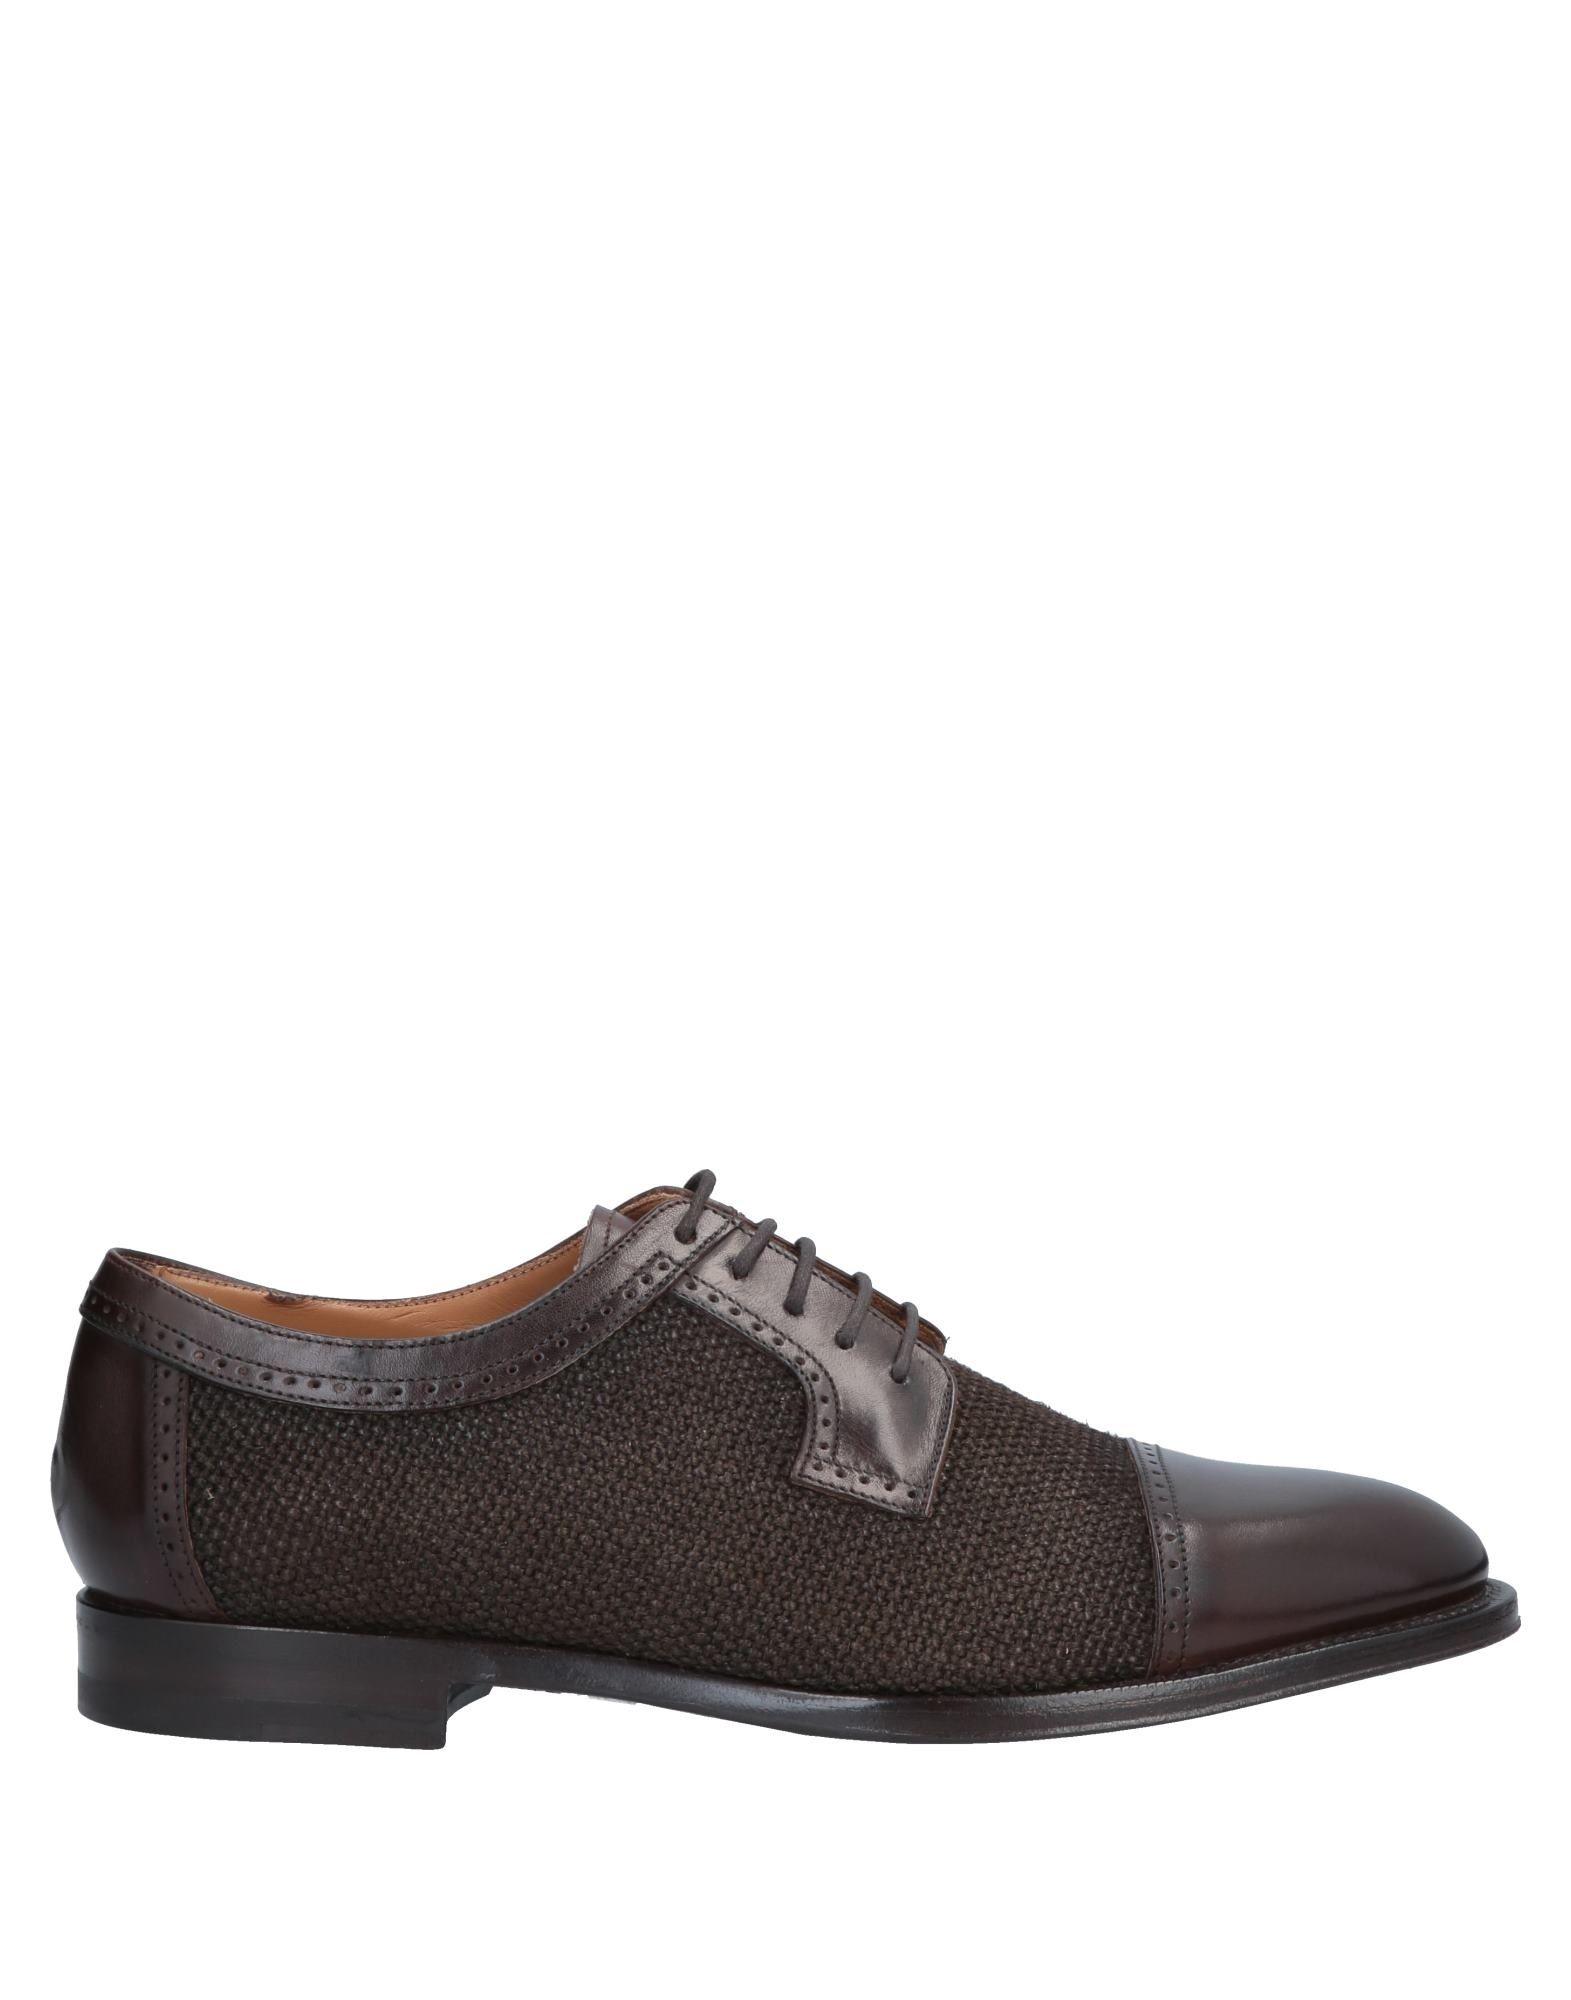 Фото - CASTORI Обувь на шнурках обувь на высокой платформе dkny